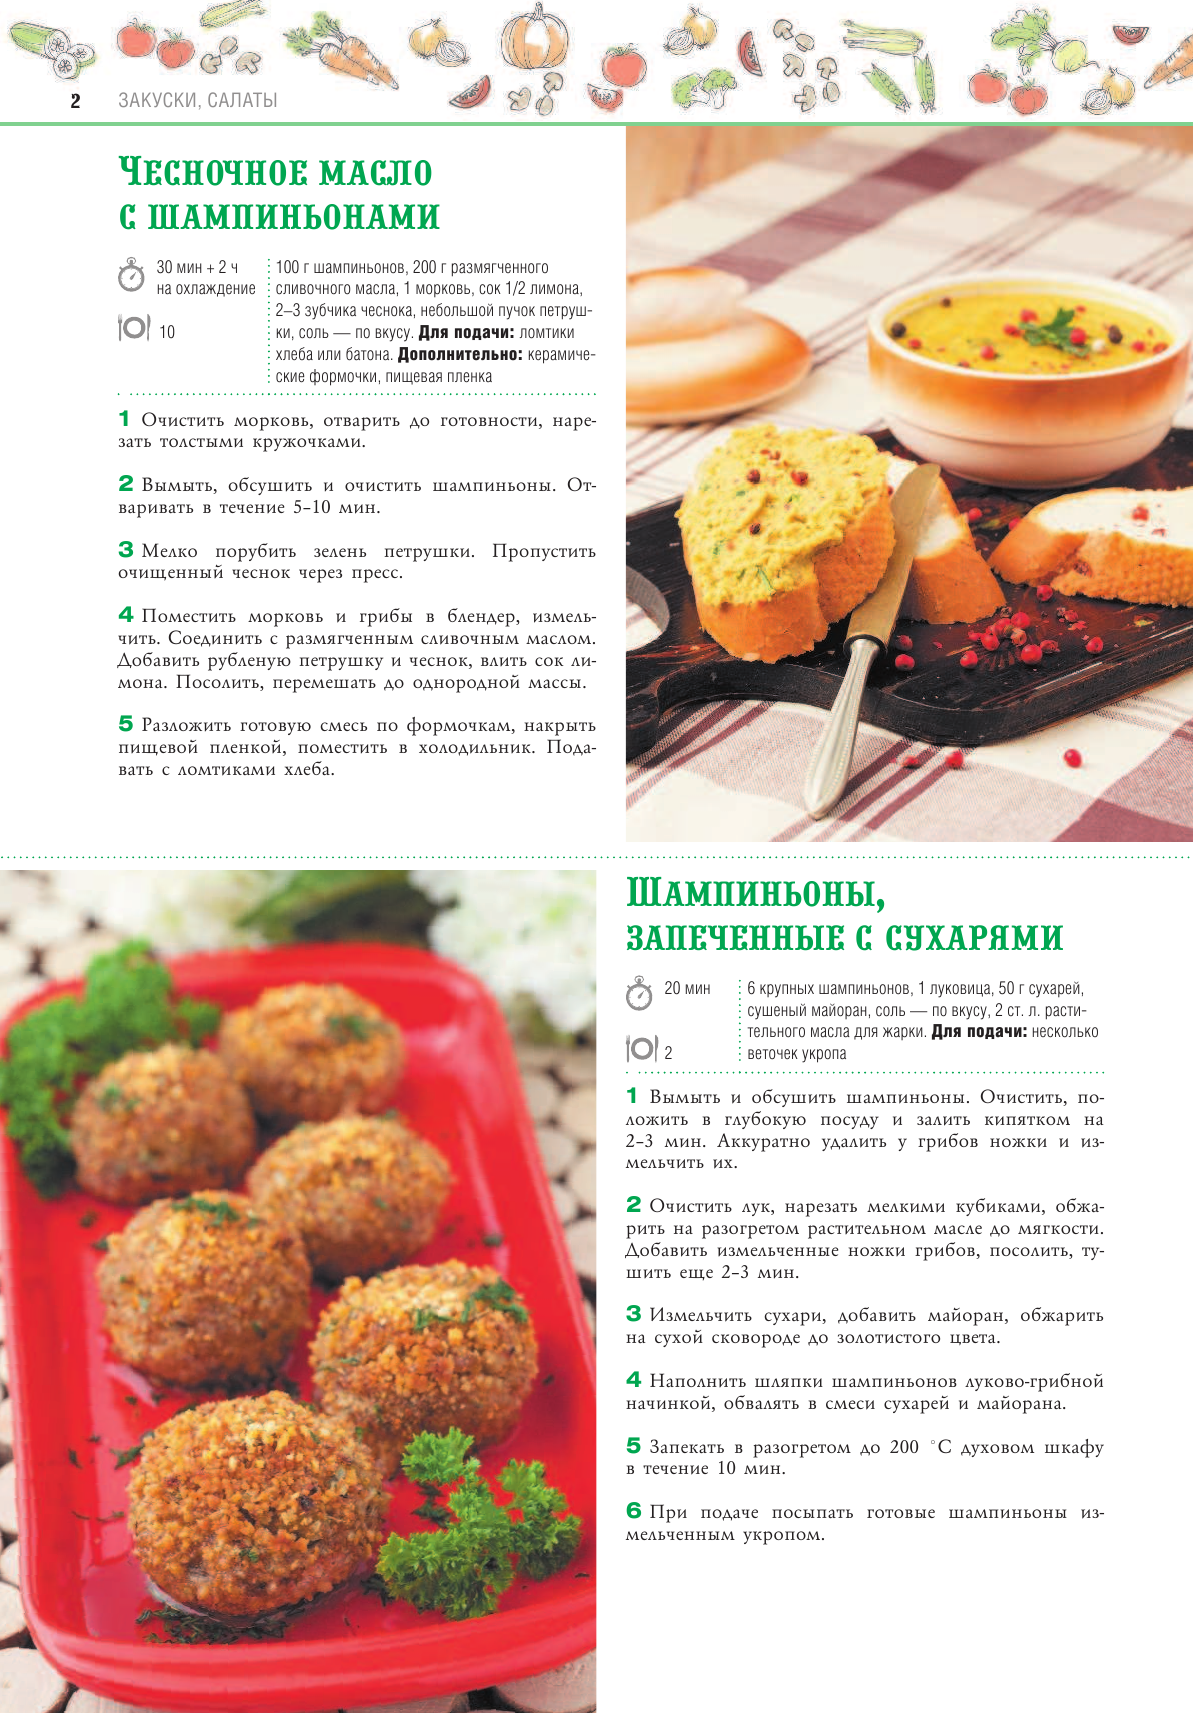 рецепты разных блюд с пошаговыми фото